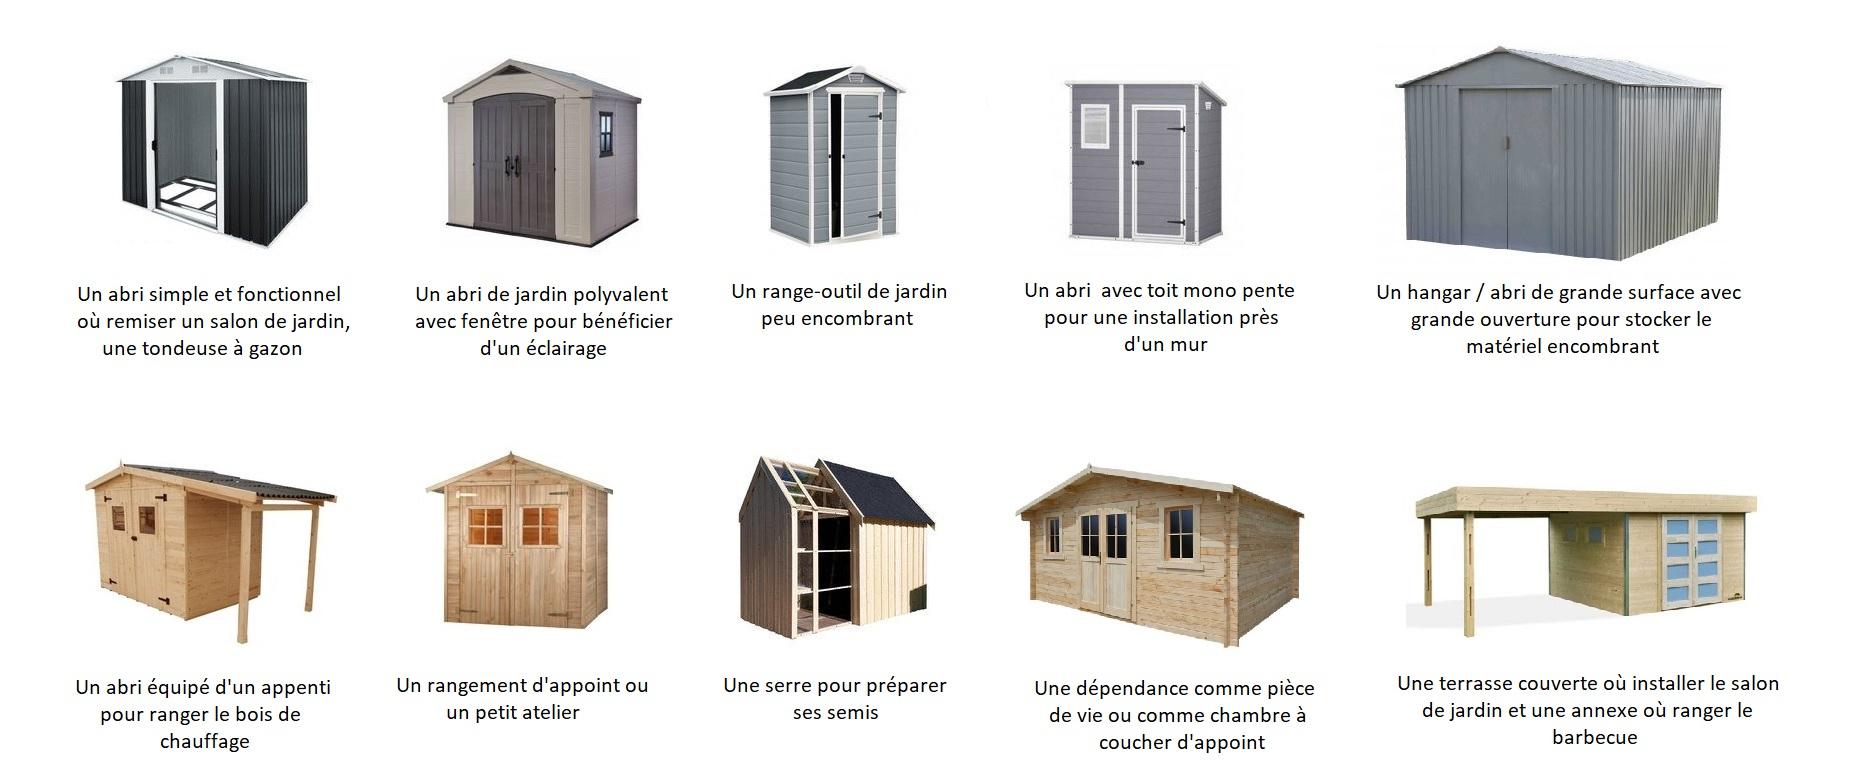 Comment Choisir Son Abri De Jardin Ou Son Chalet | Guide Complet intérieur Abri De Jardin Metal 15M2